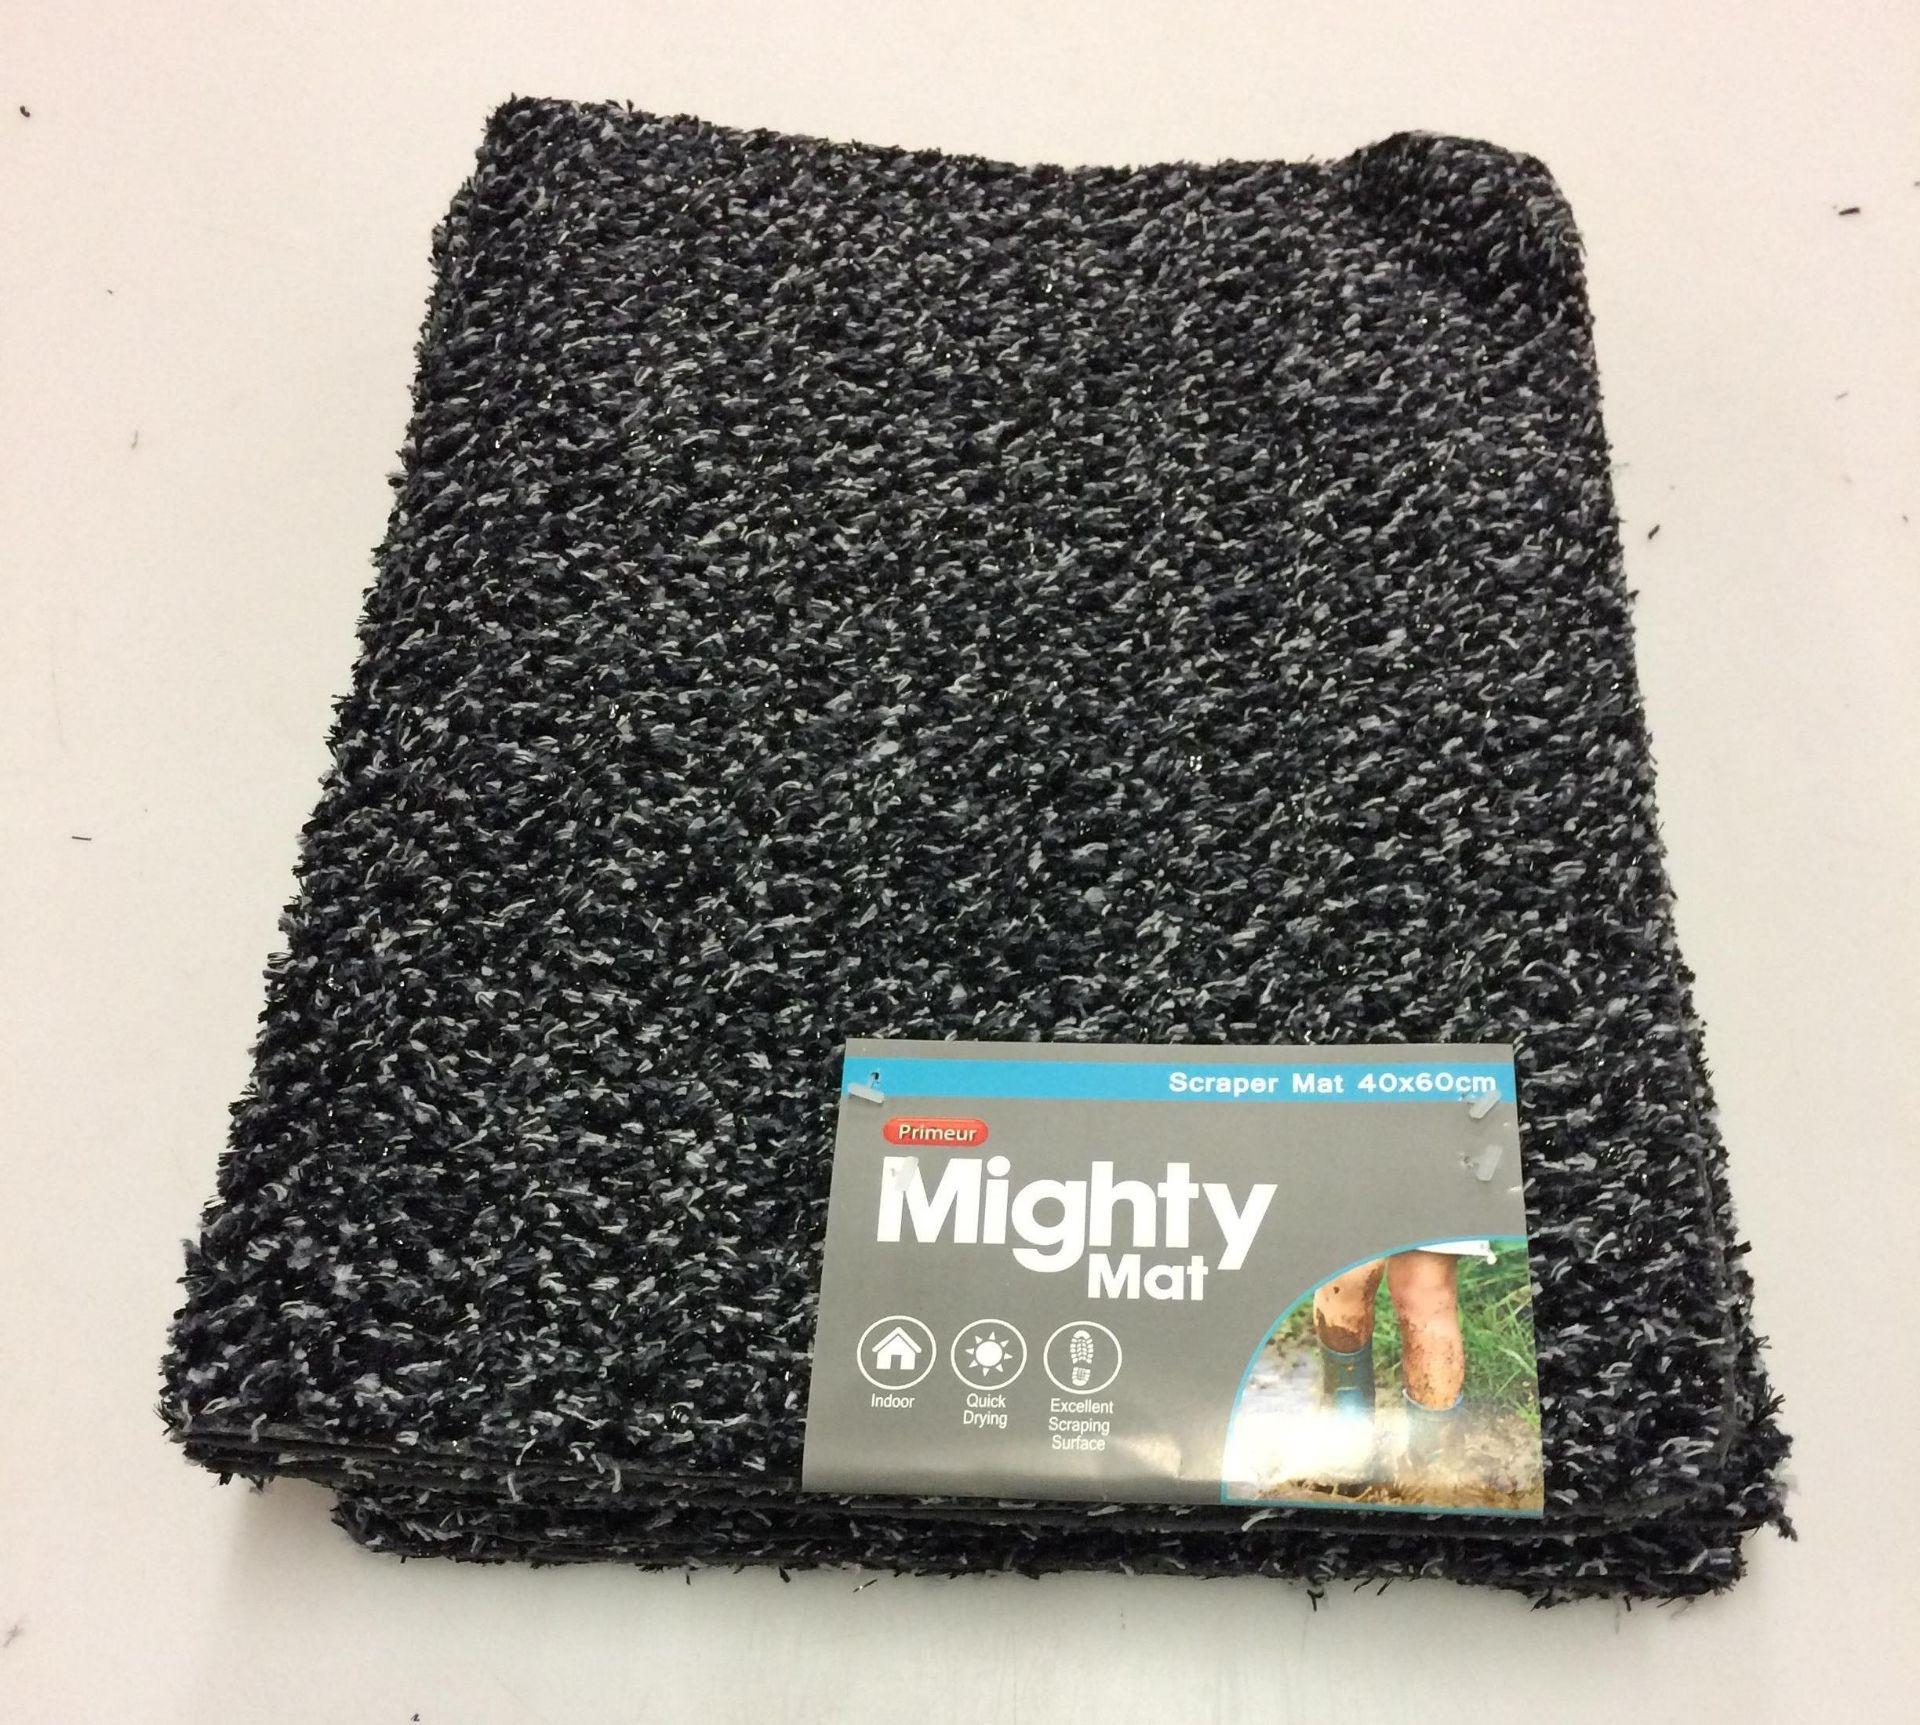 Lot 13 - 20 x Primeur Mighty Mat scraper mats 40 x 60cm